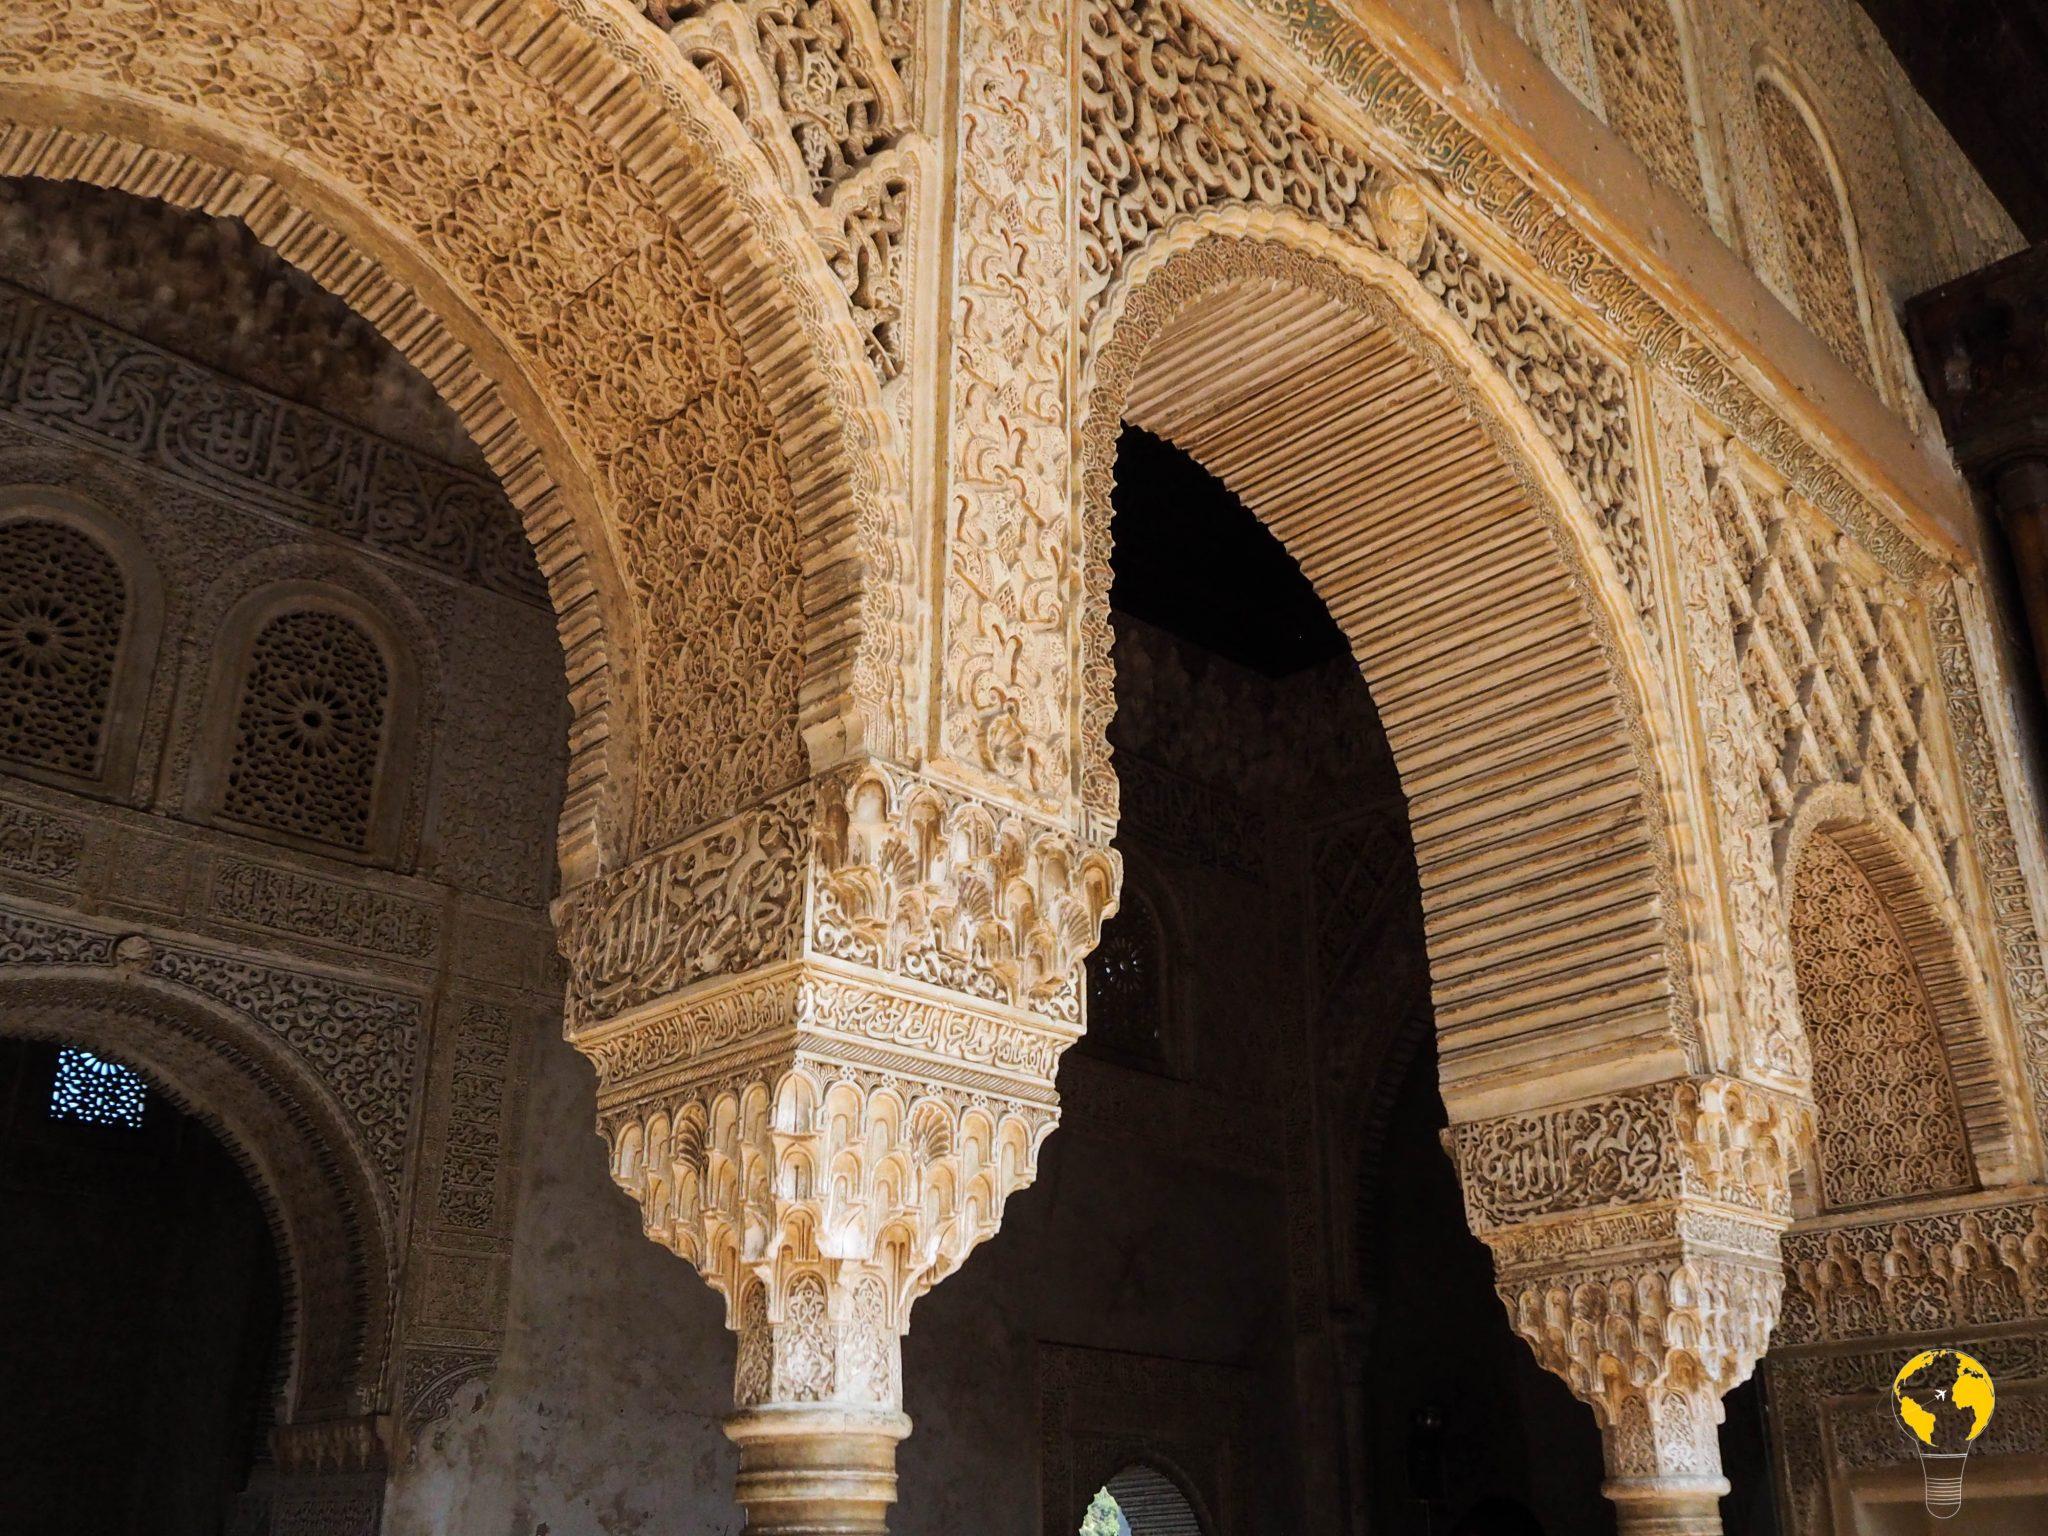 dettaglio colonne arabe